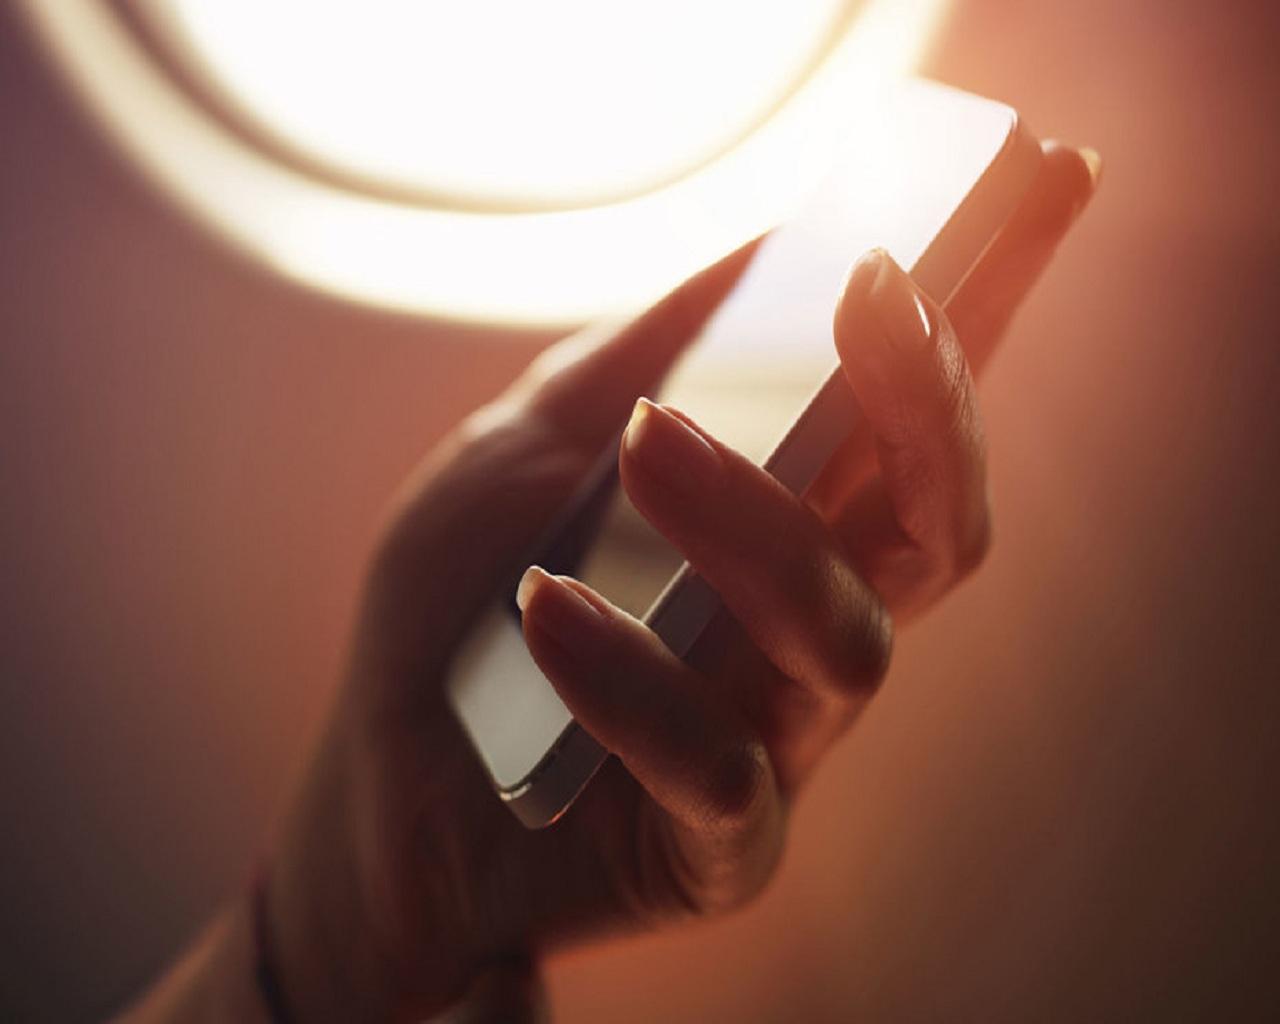 در طول پرواز؛ تلفن همراه در حالت پرواز؟!